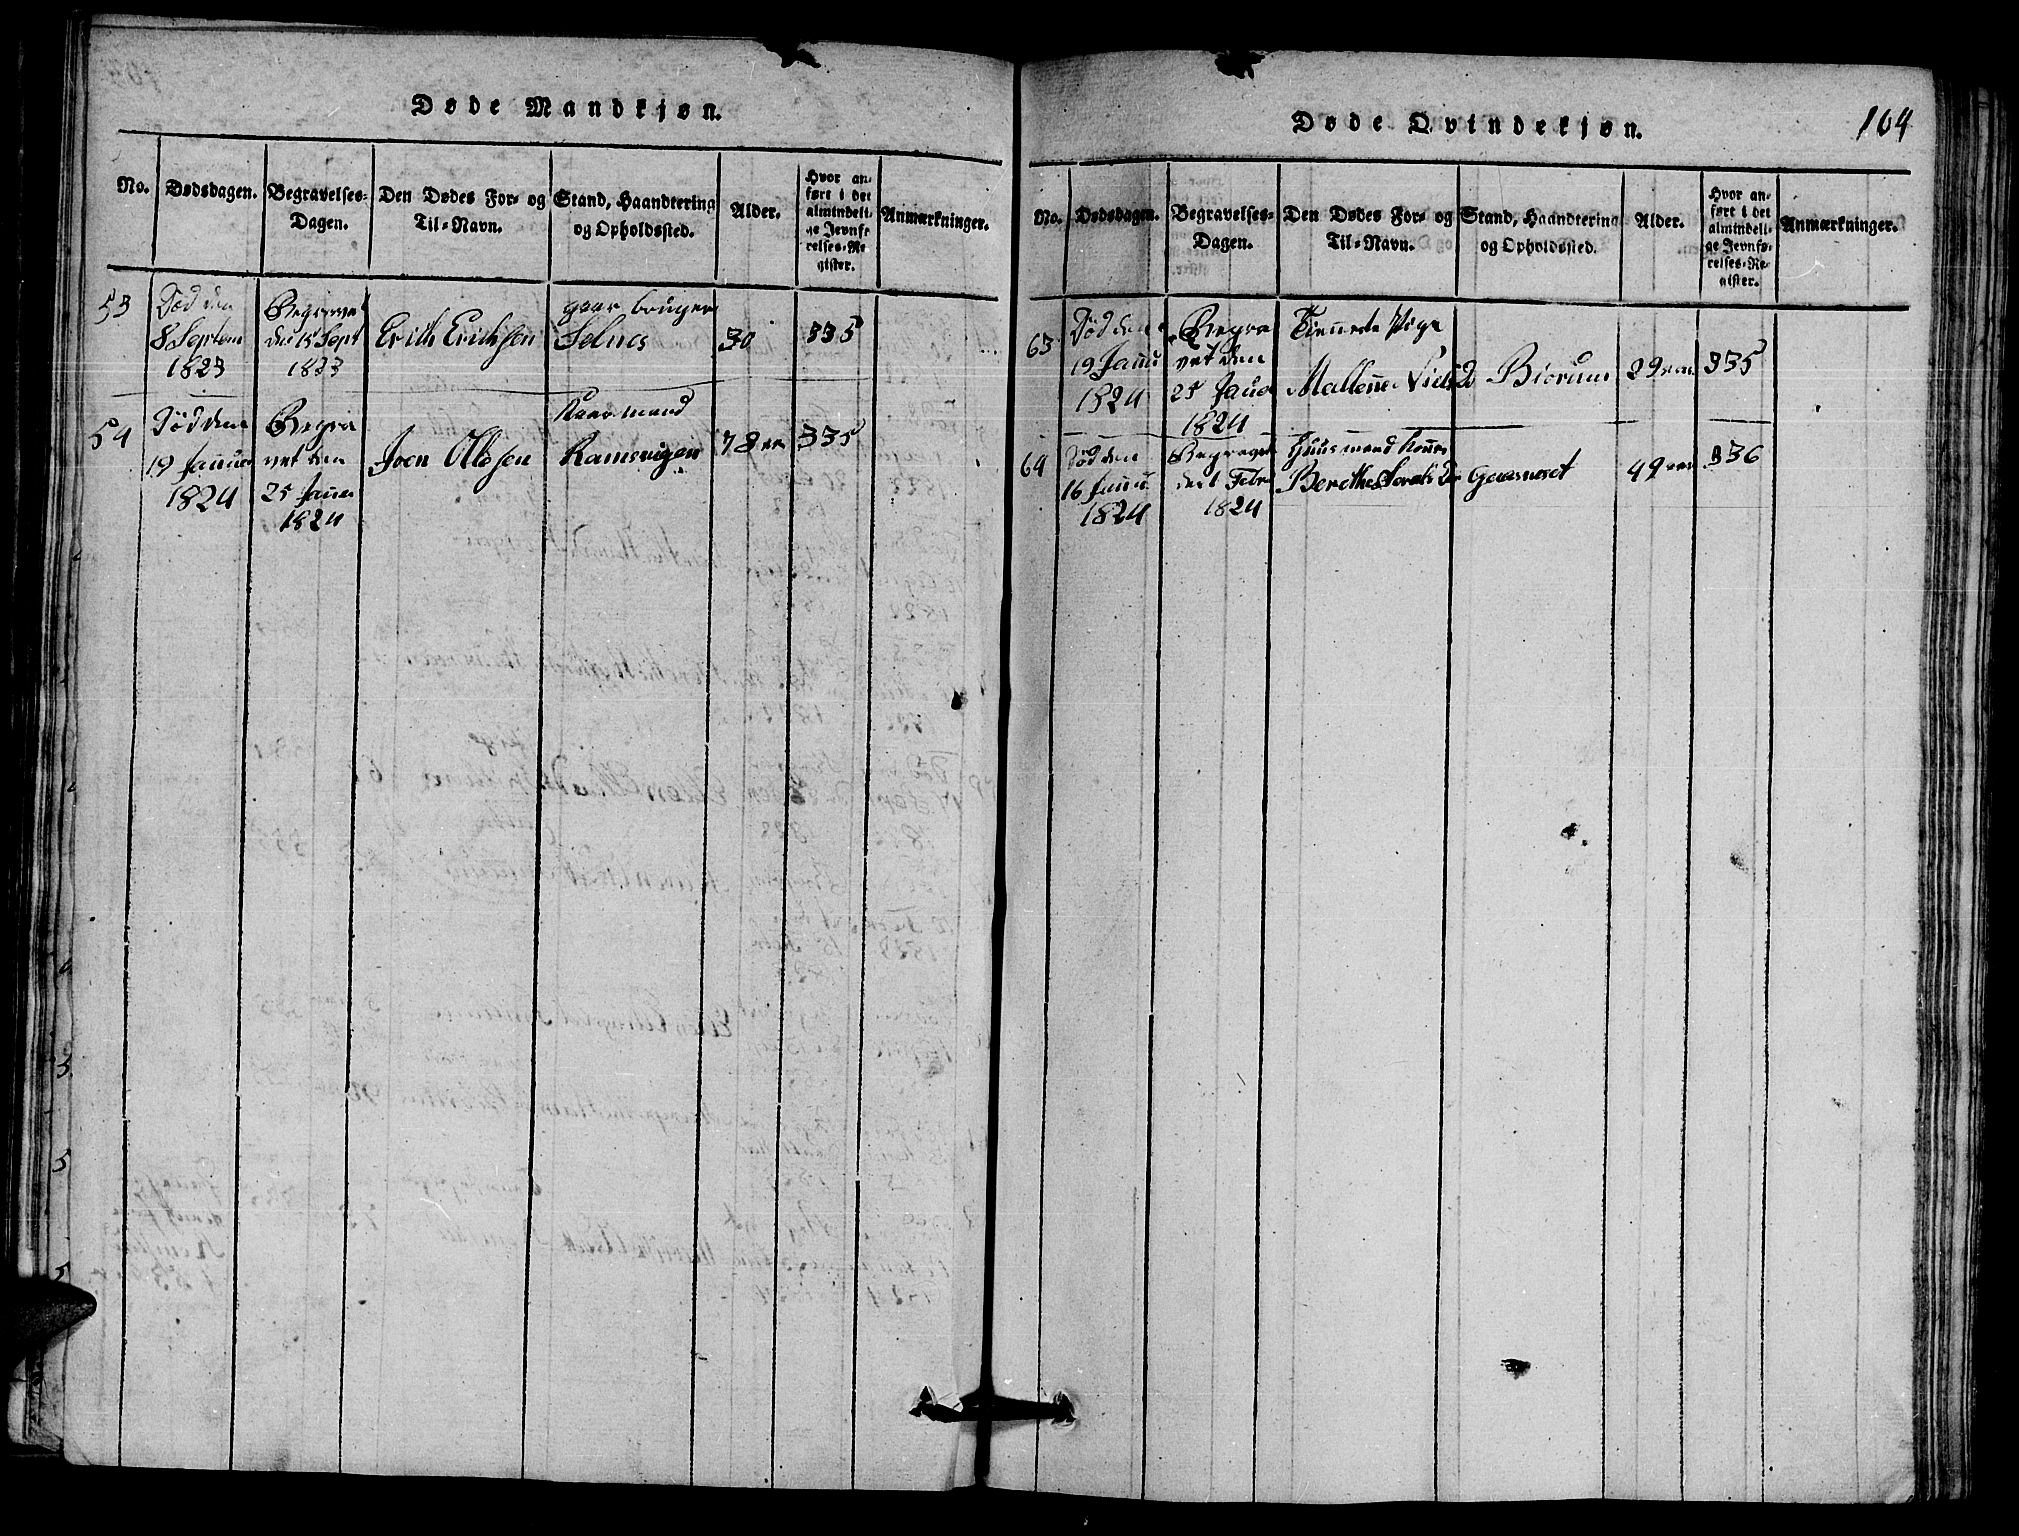 SAT, Ministerialprotokoller, klokkerbøker og fødselsregistre - Nord-Trøndelag, 770/L0590: Klokkerbok nr. 770C01, 1815-1824, s. 104